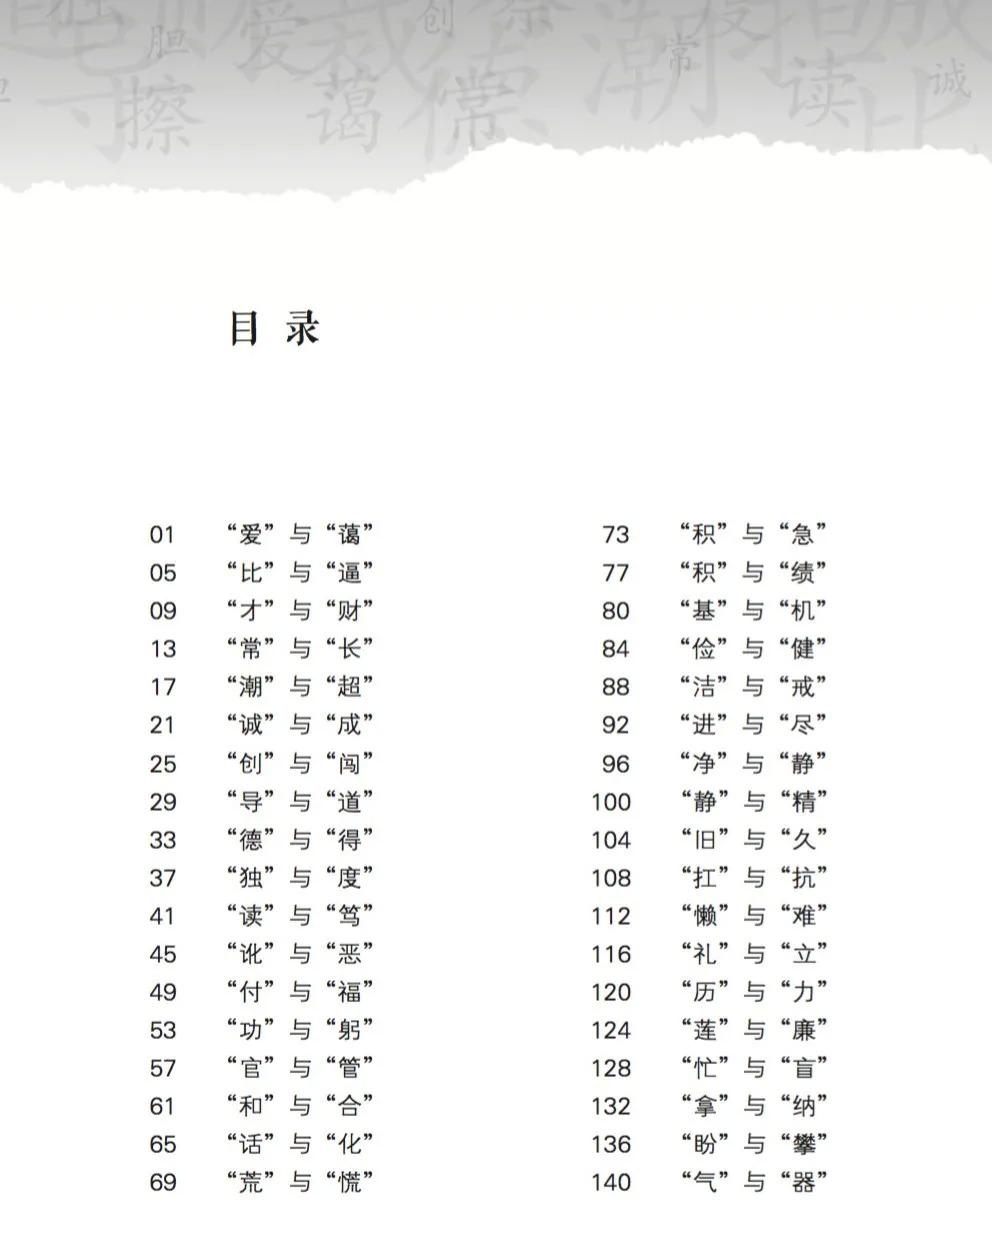 【荐书】《人生如字——谐音字趣谈》:欣赏汉字谐音之妙,明白为人处世之道